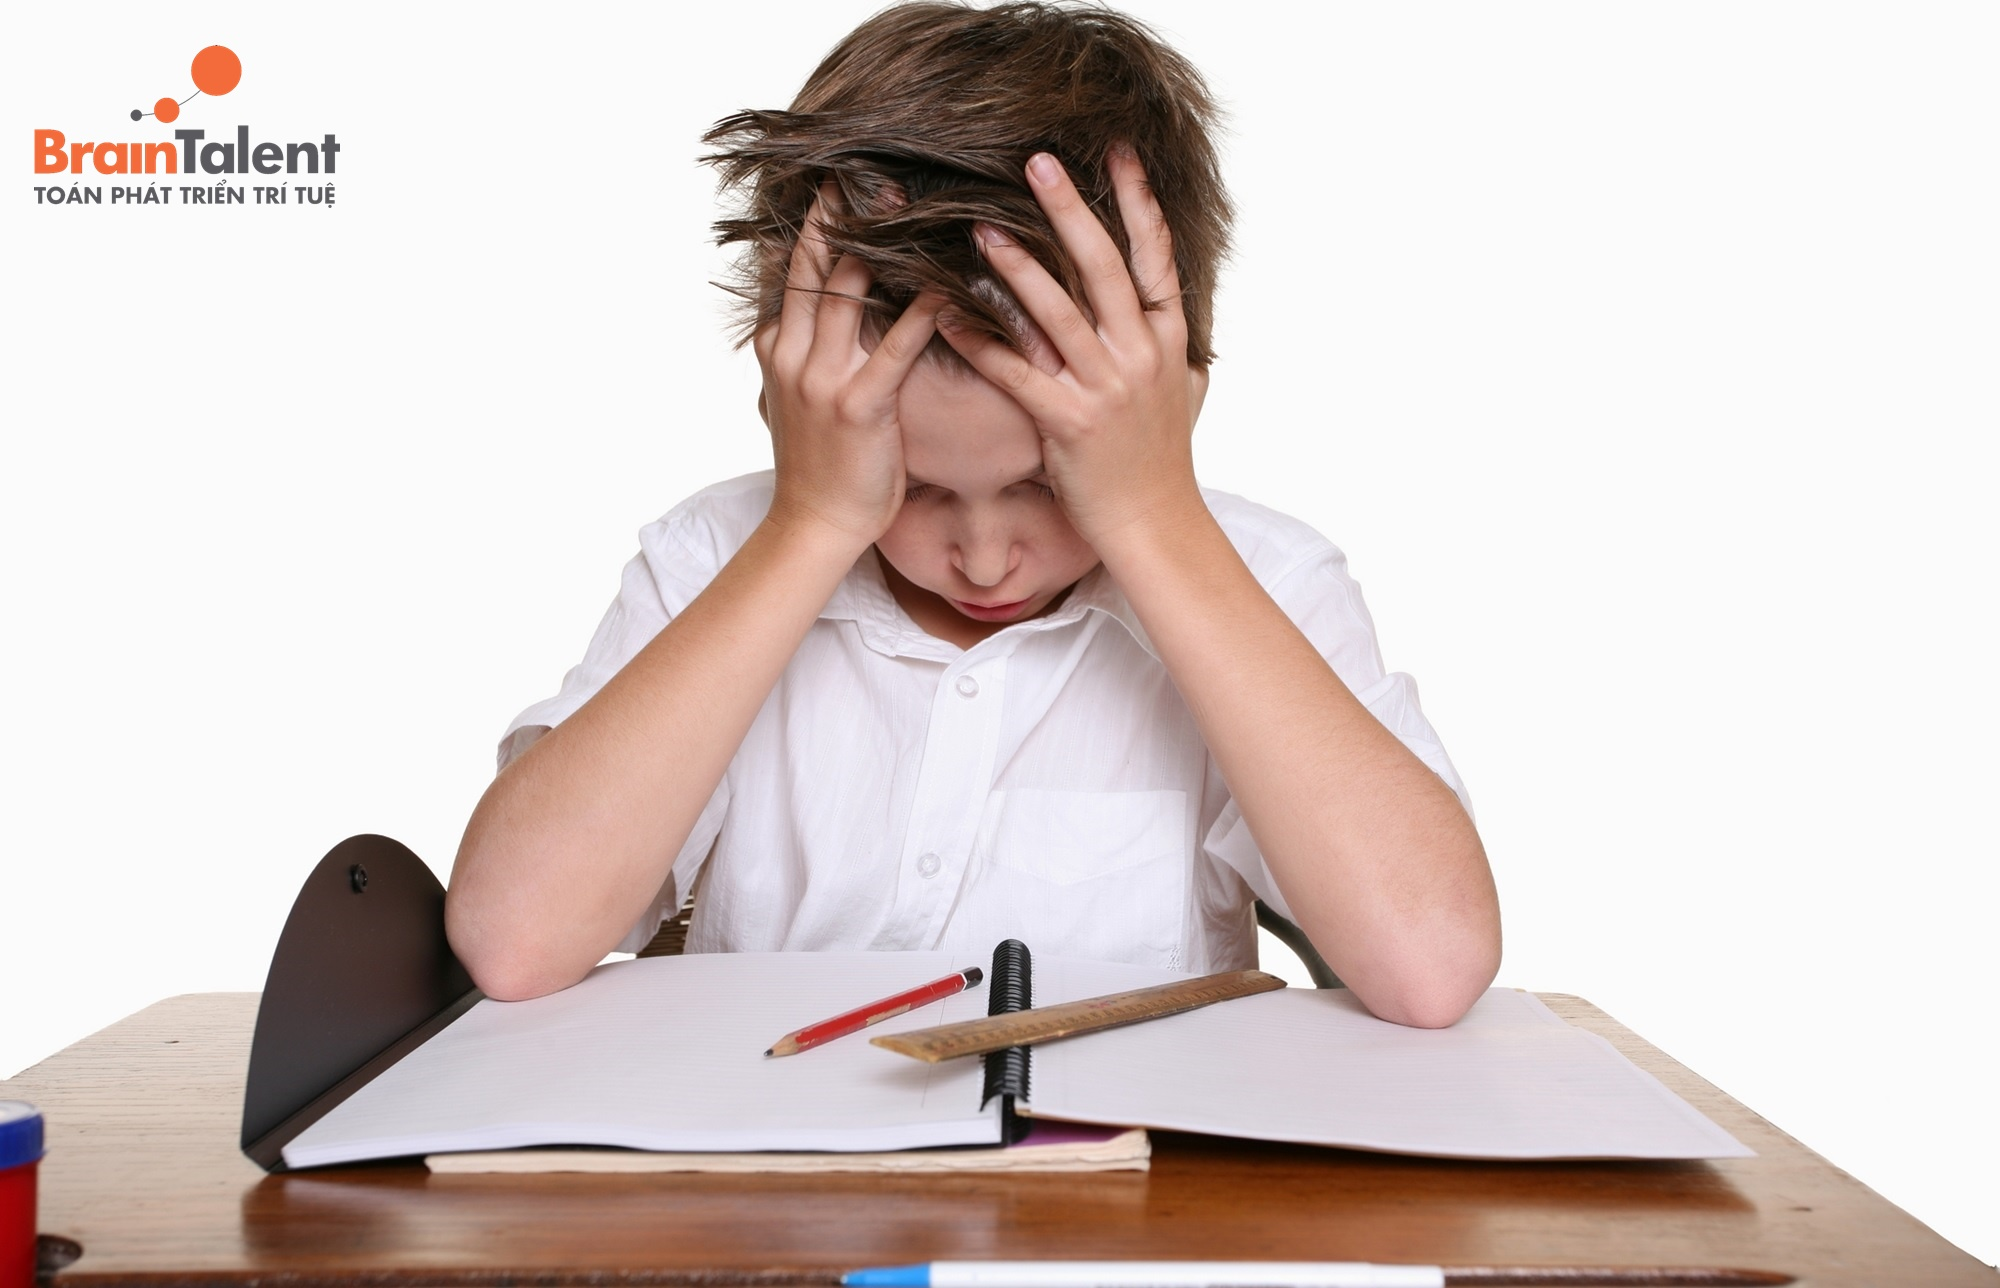 Mất tập trung khiến trẻ không thể có cách học bài nhanh nhất